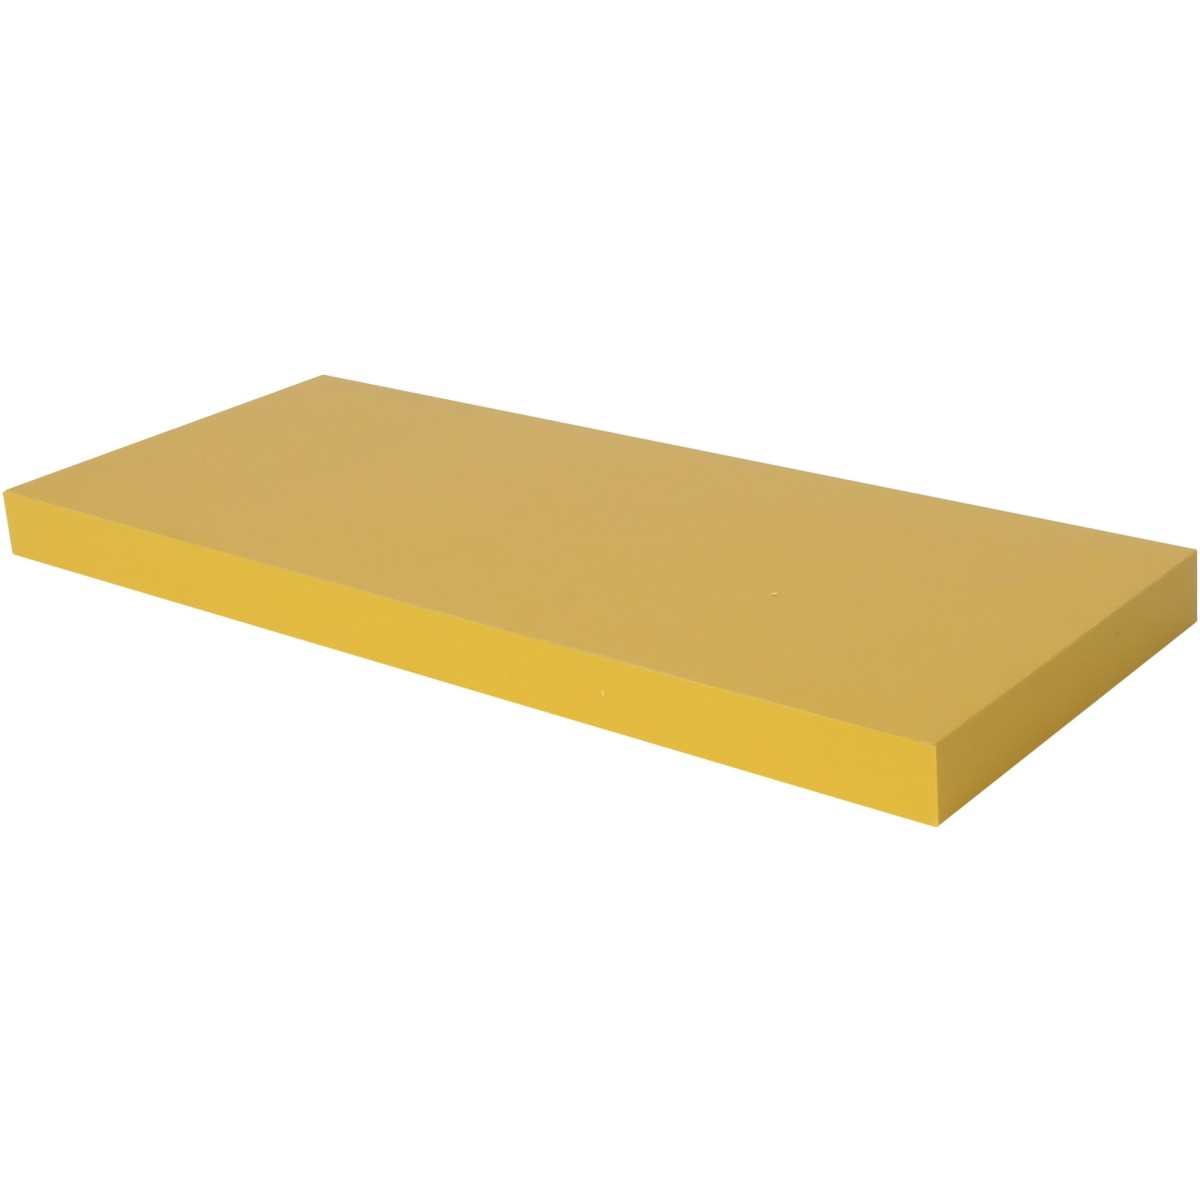 Полка мебельная прямая 600x230x38 мм МДФ цвет жёлтый